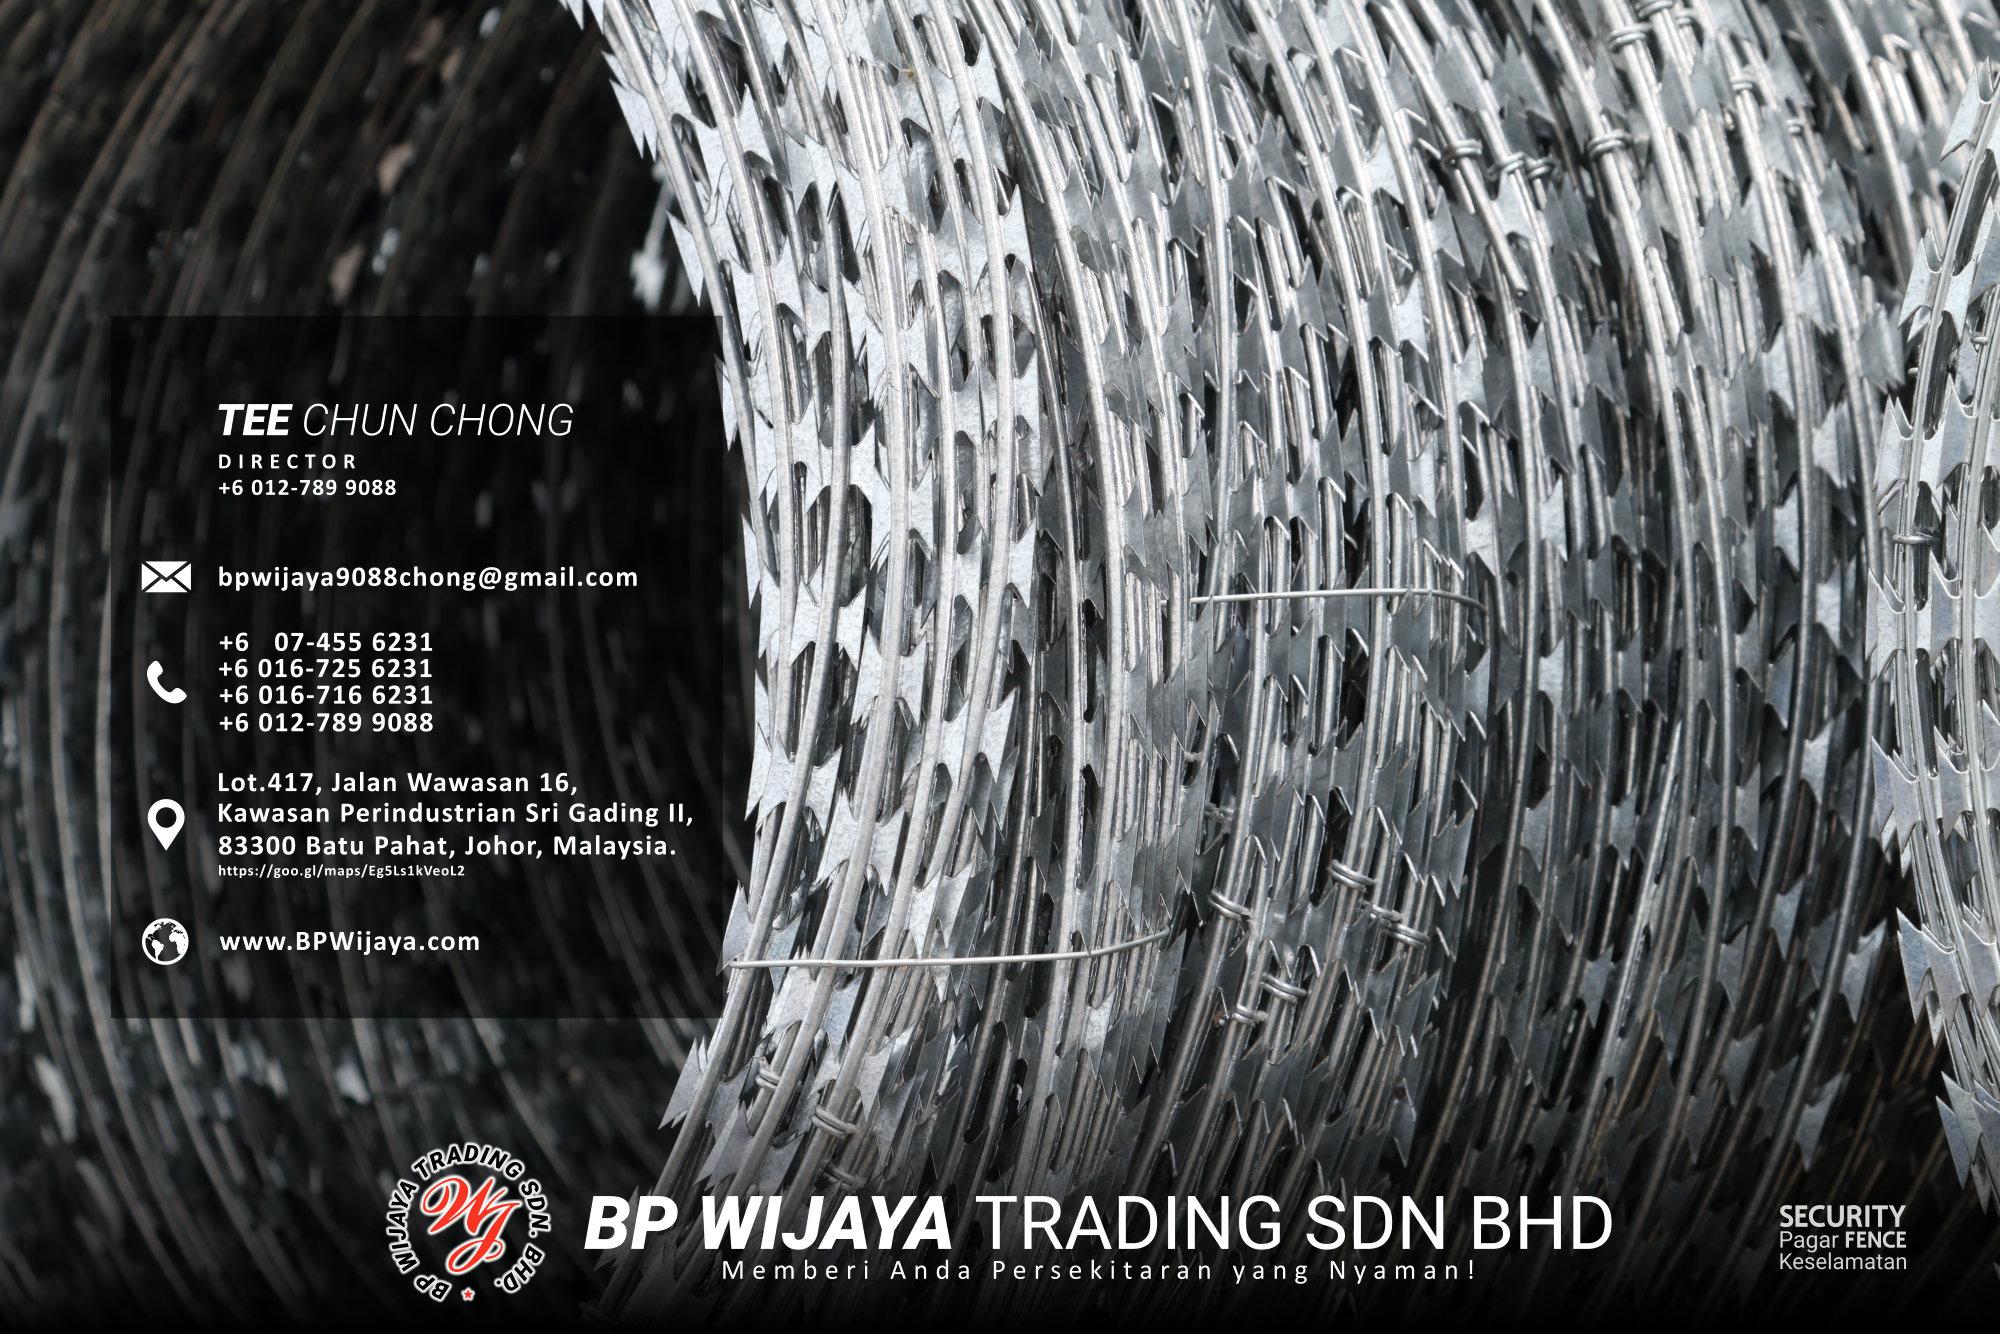 Pembekal Kuala Lumpur Pagar Keselamatan kami merupakan pengilang pagar keselamatan BP Wijaya Trading Sdn Bhd Pagar Taman Pagar Bangunan Pagar Kilang Pagar Rumah Pemborong Pagar Keselamatan A03-007